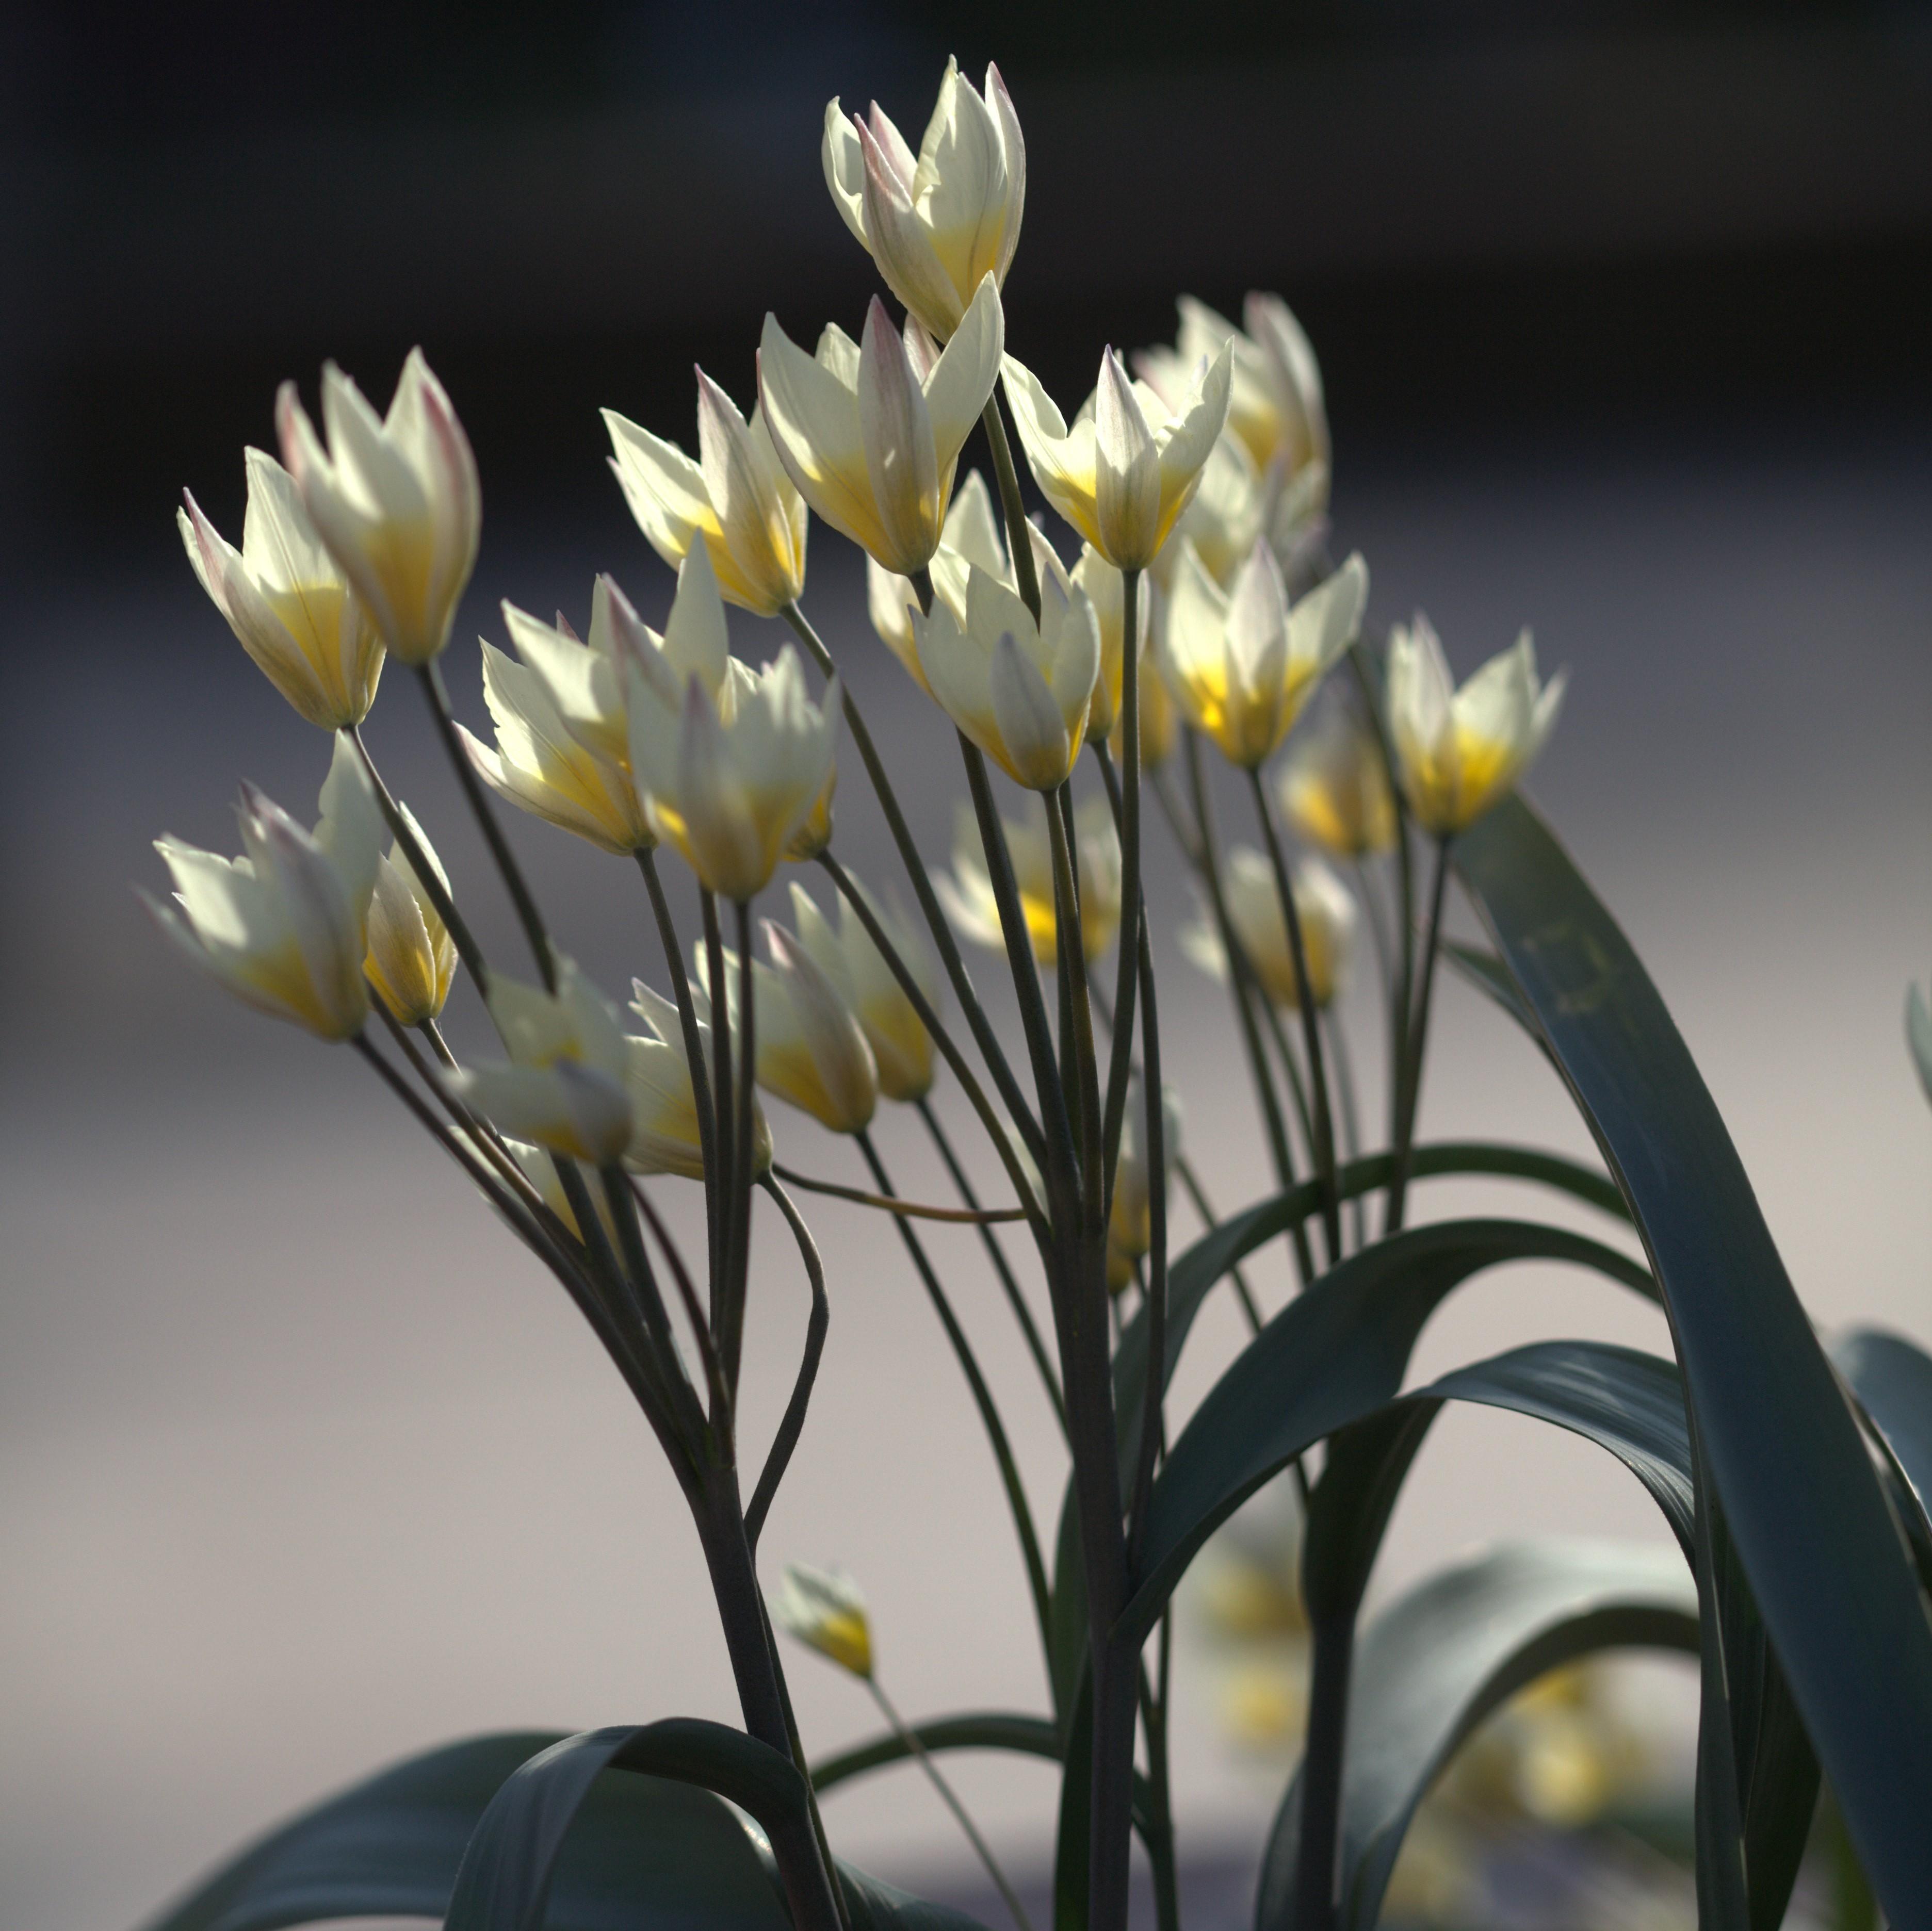 Tulipa bifloriformis Picture Gustav Svensson - averater.se - CC BY-SA 3.0